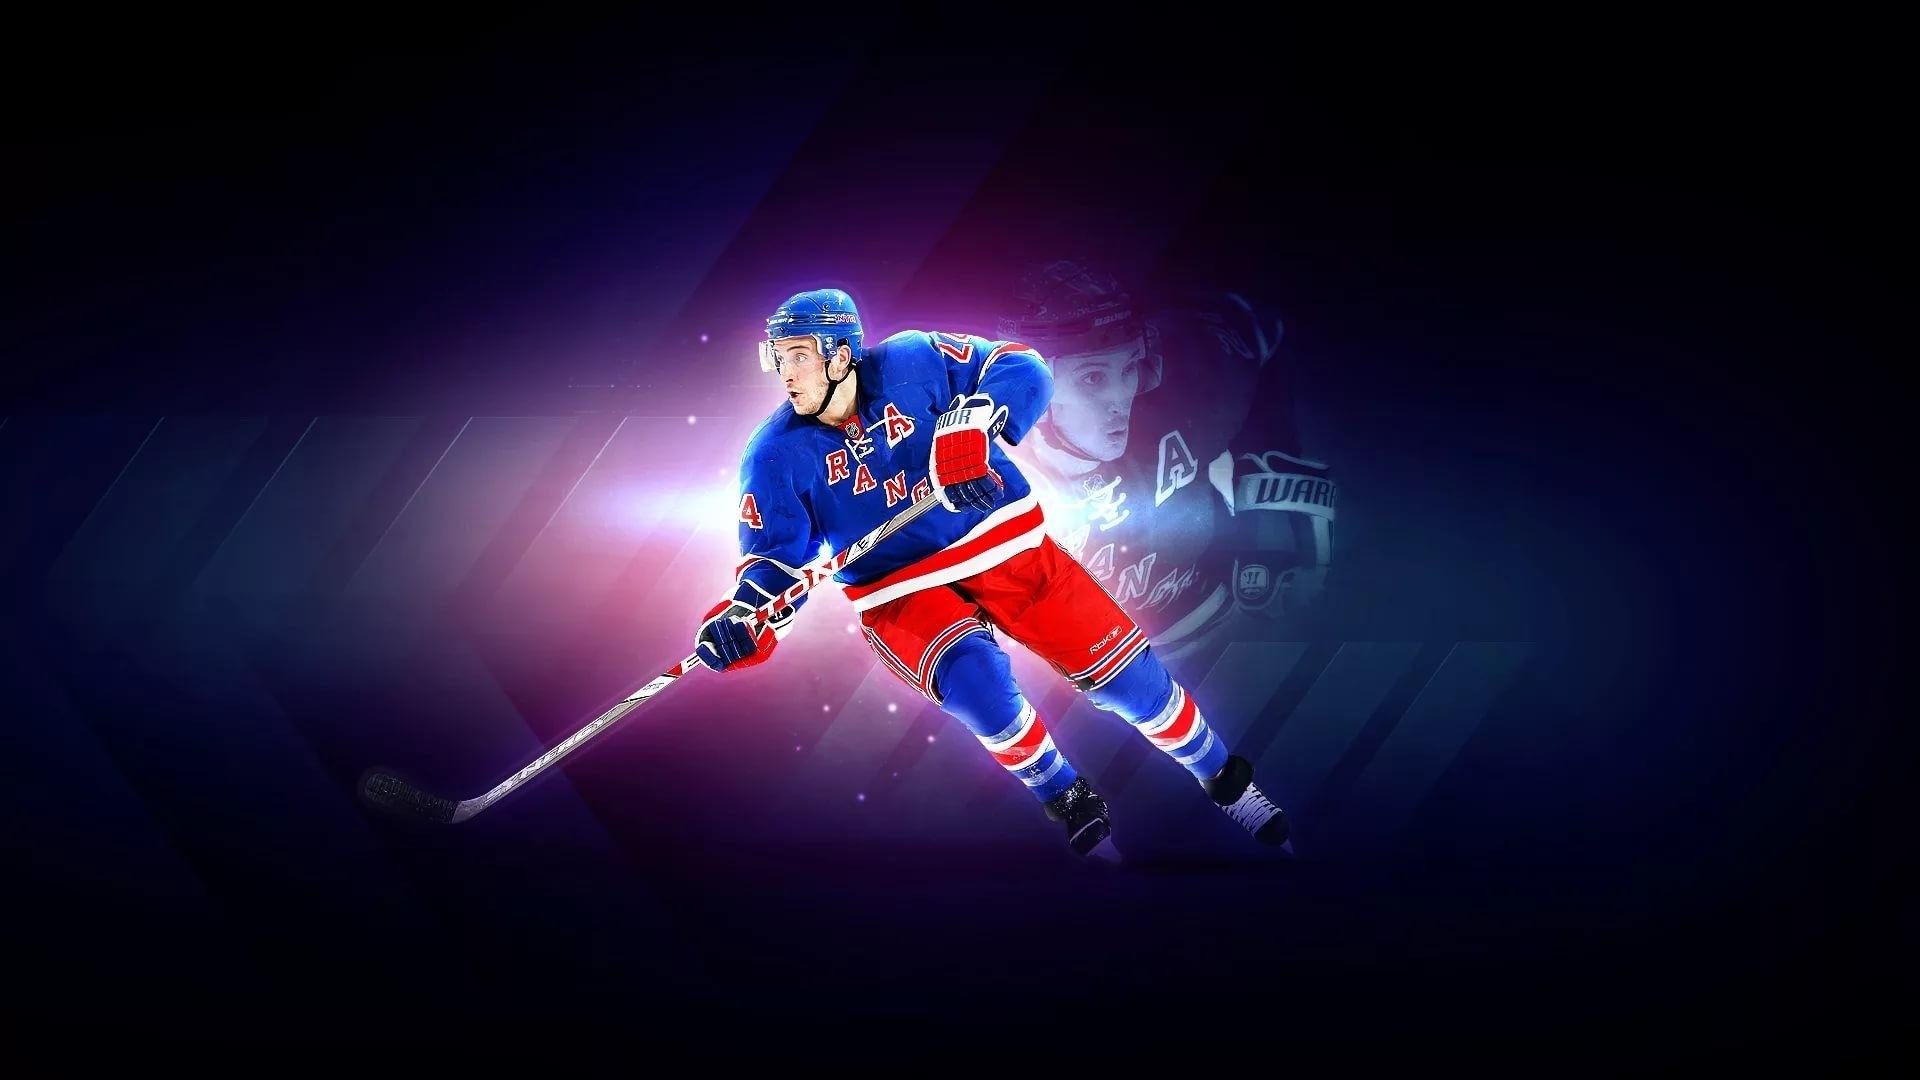 Hockey Desktop wallpaper